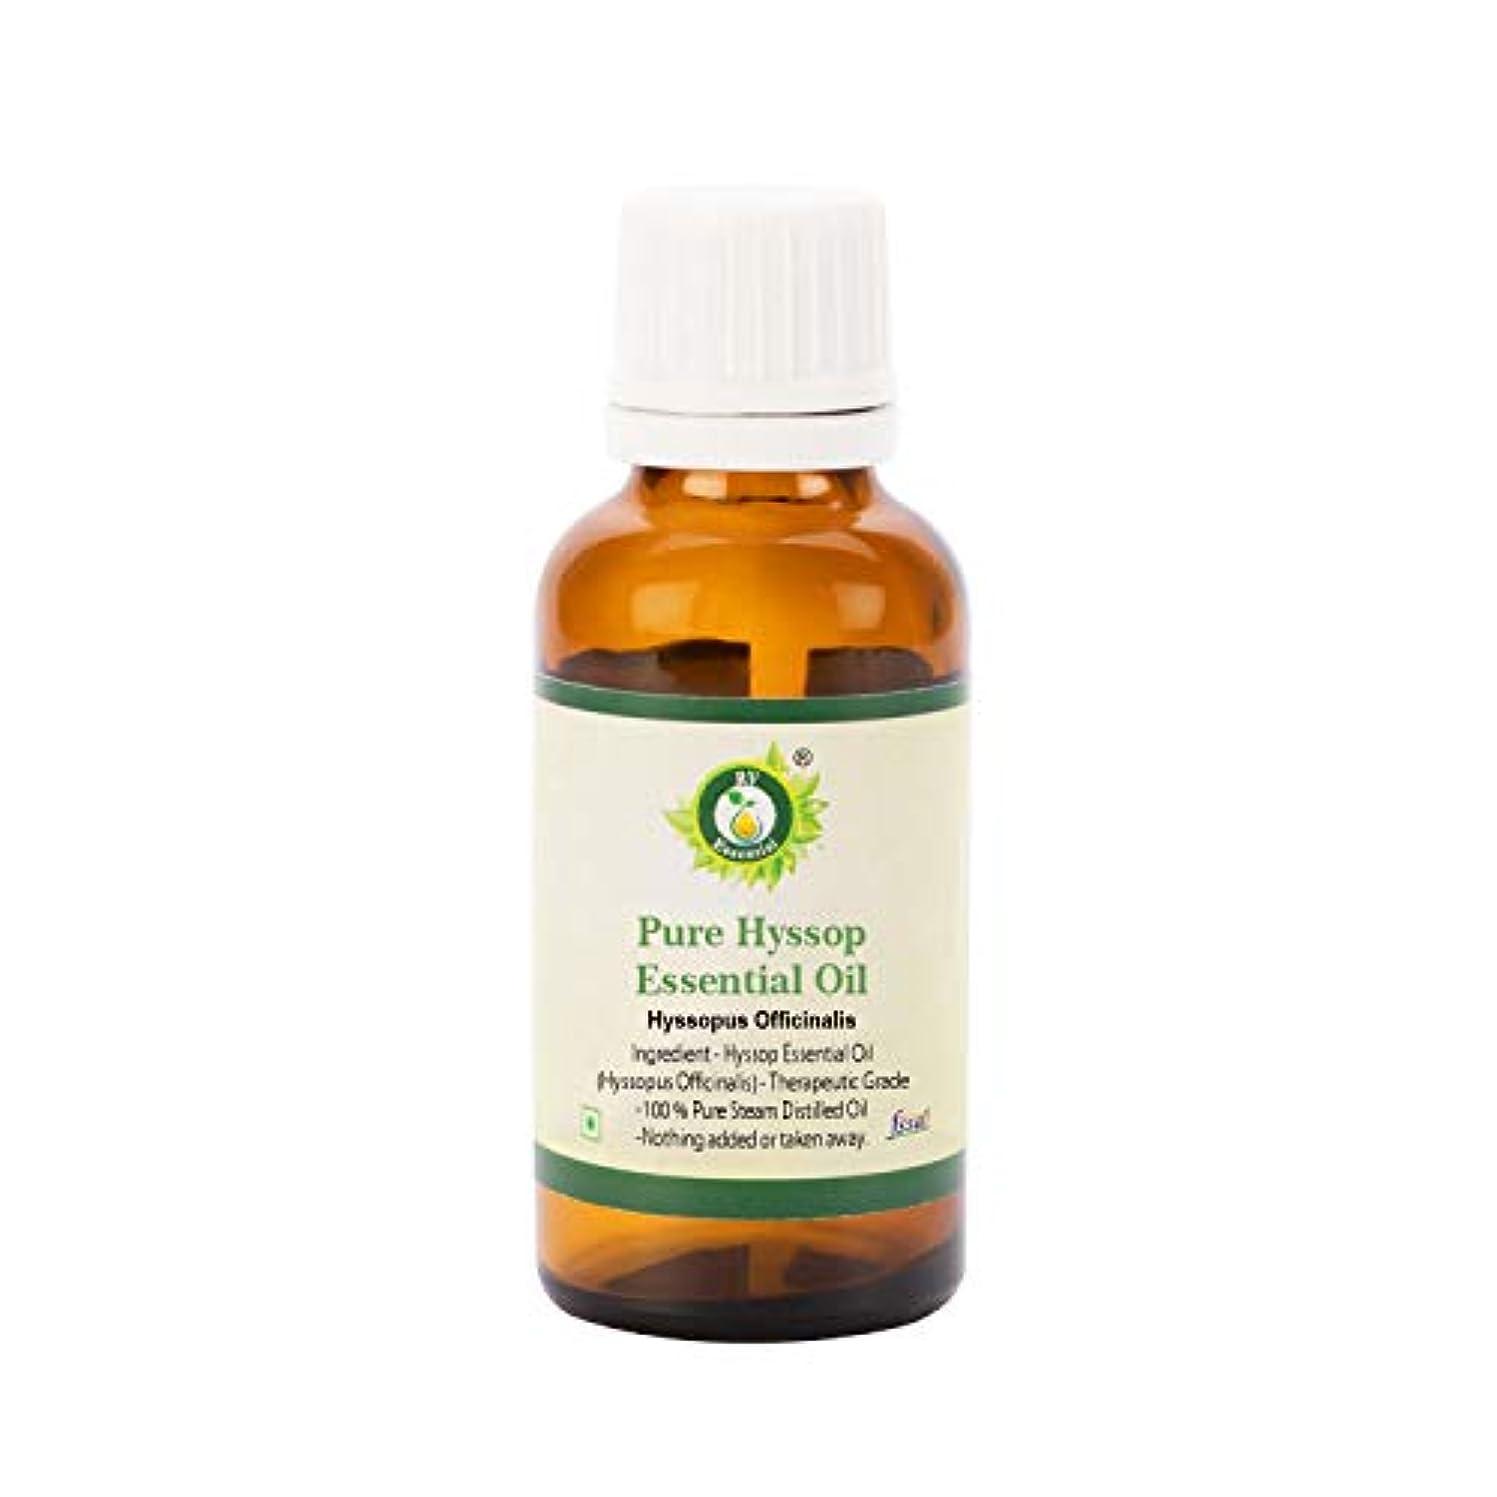 完全に乾くモザイク本土R V Essential ピュアヒソップエッセンシャルオイル10ml (0.338oz)- Hyssopus Officinalis (100%純粋&天然スチームDistilled) Pure Hyssop Essential...